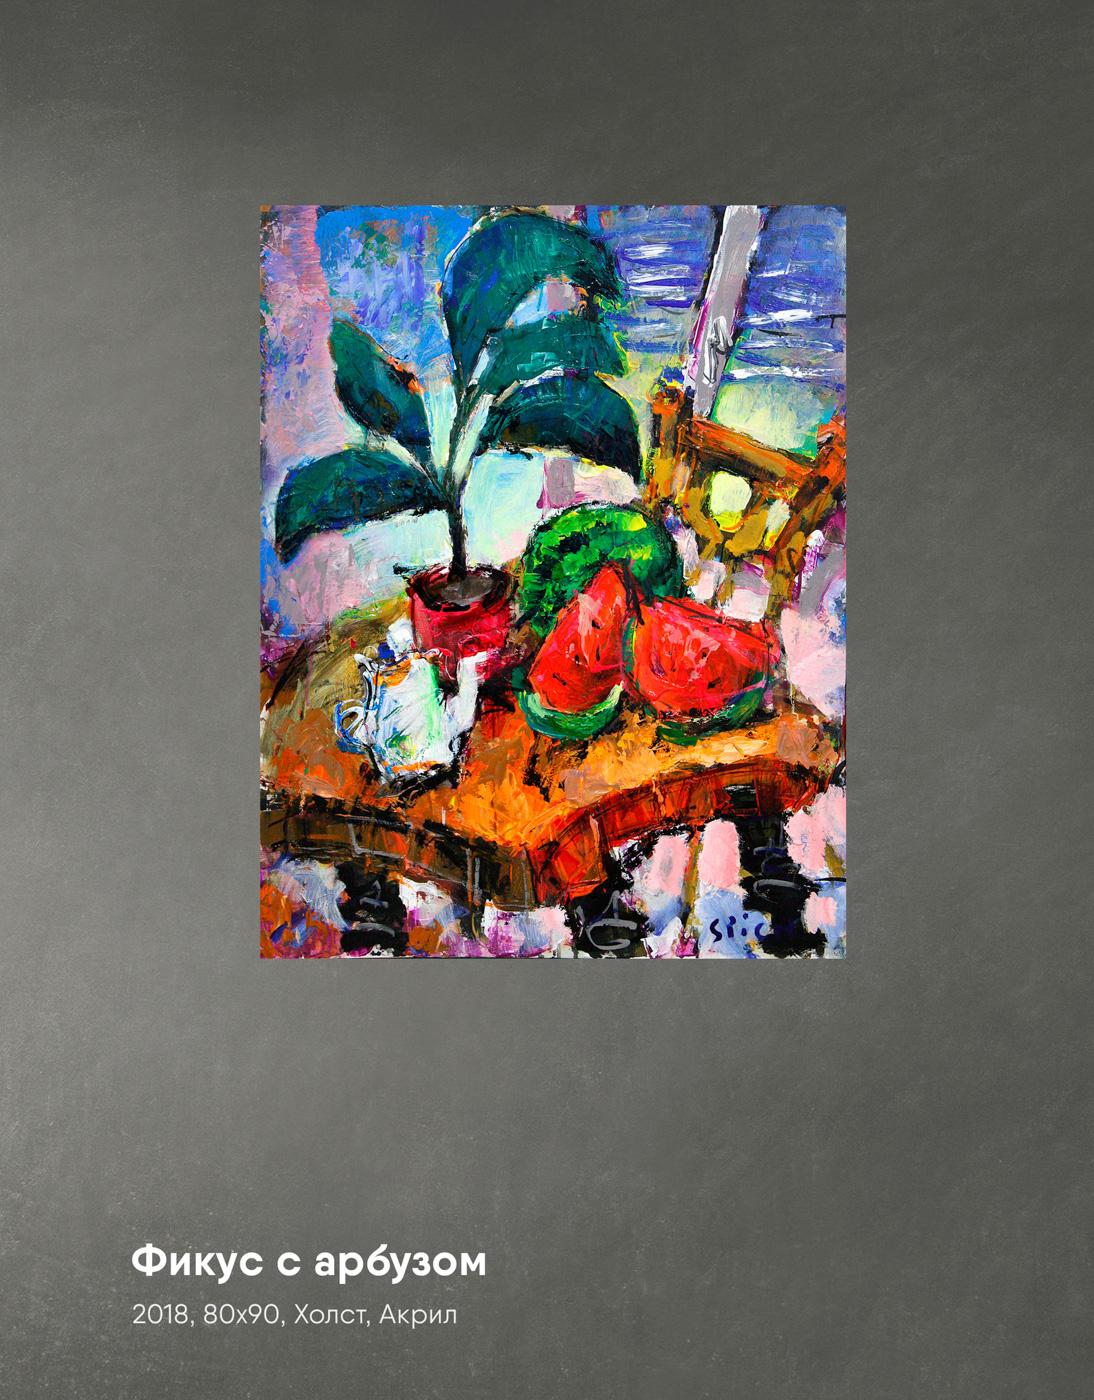 Ilya Pavlovich Spichenkov. Ficus with watermellon